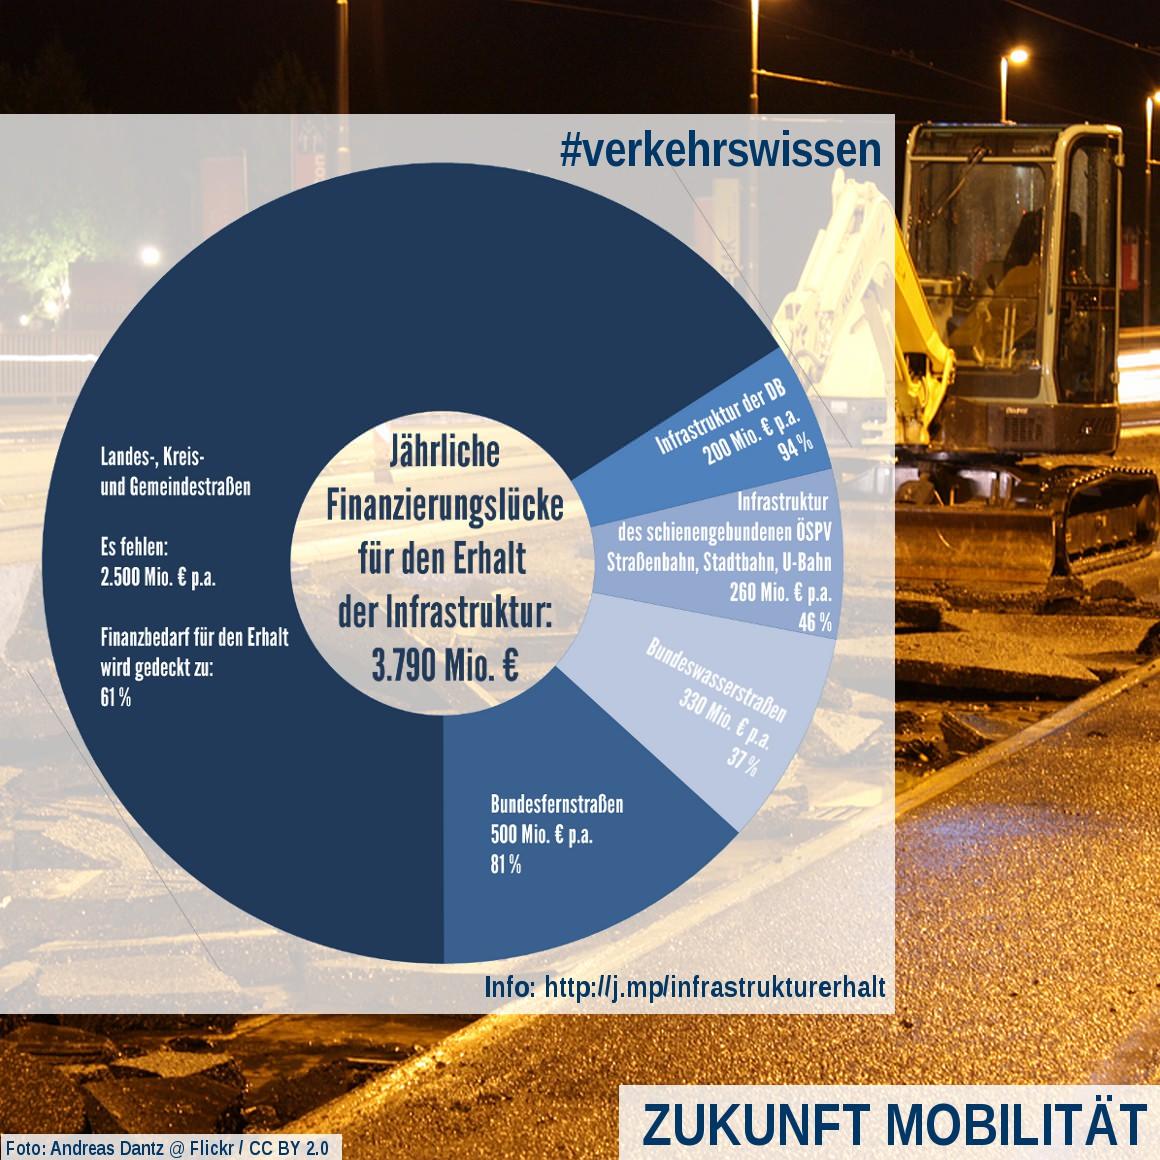 Infrastrukturerhalt Finanzbedarf Kommunalstraßen ÖPNV Schienenwege Brücke Bundesstraßen Autobahnen